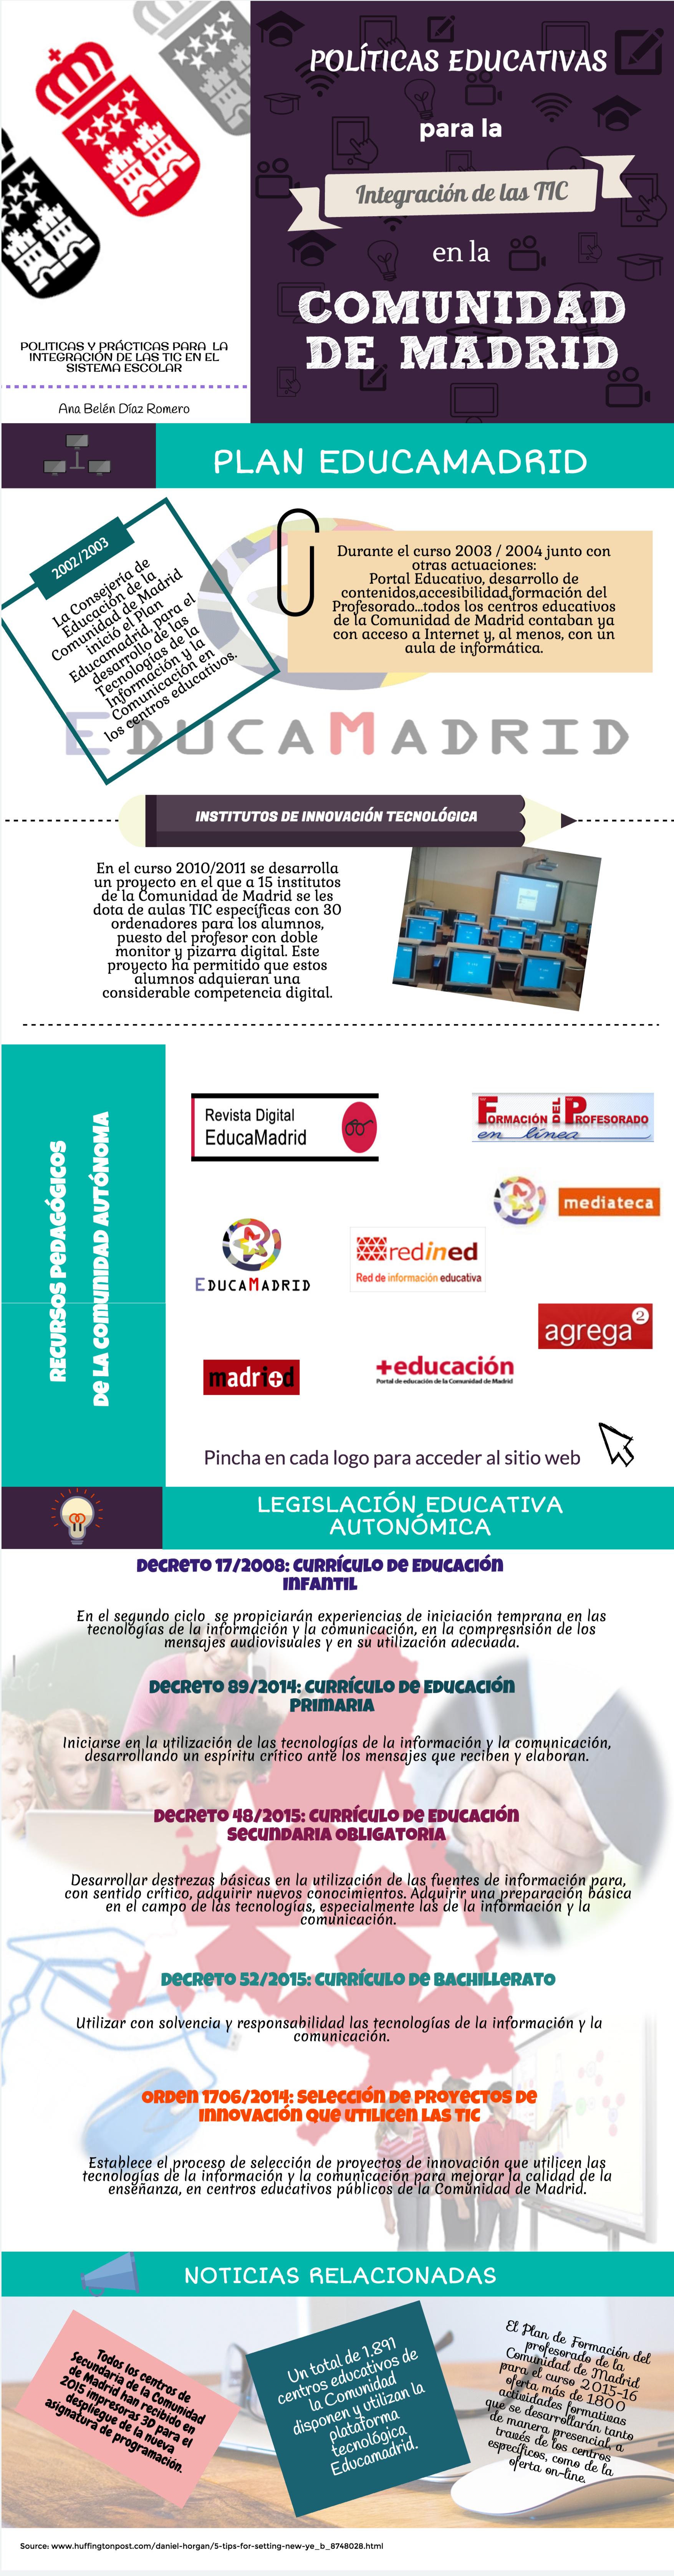 Políticas educativas para integrar las TIC en la Comunidad de Madrid #infografia #education